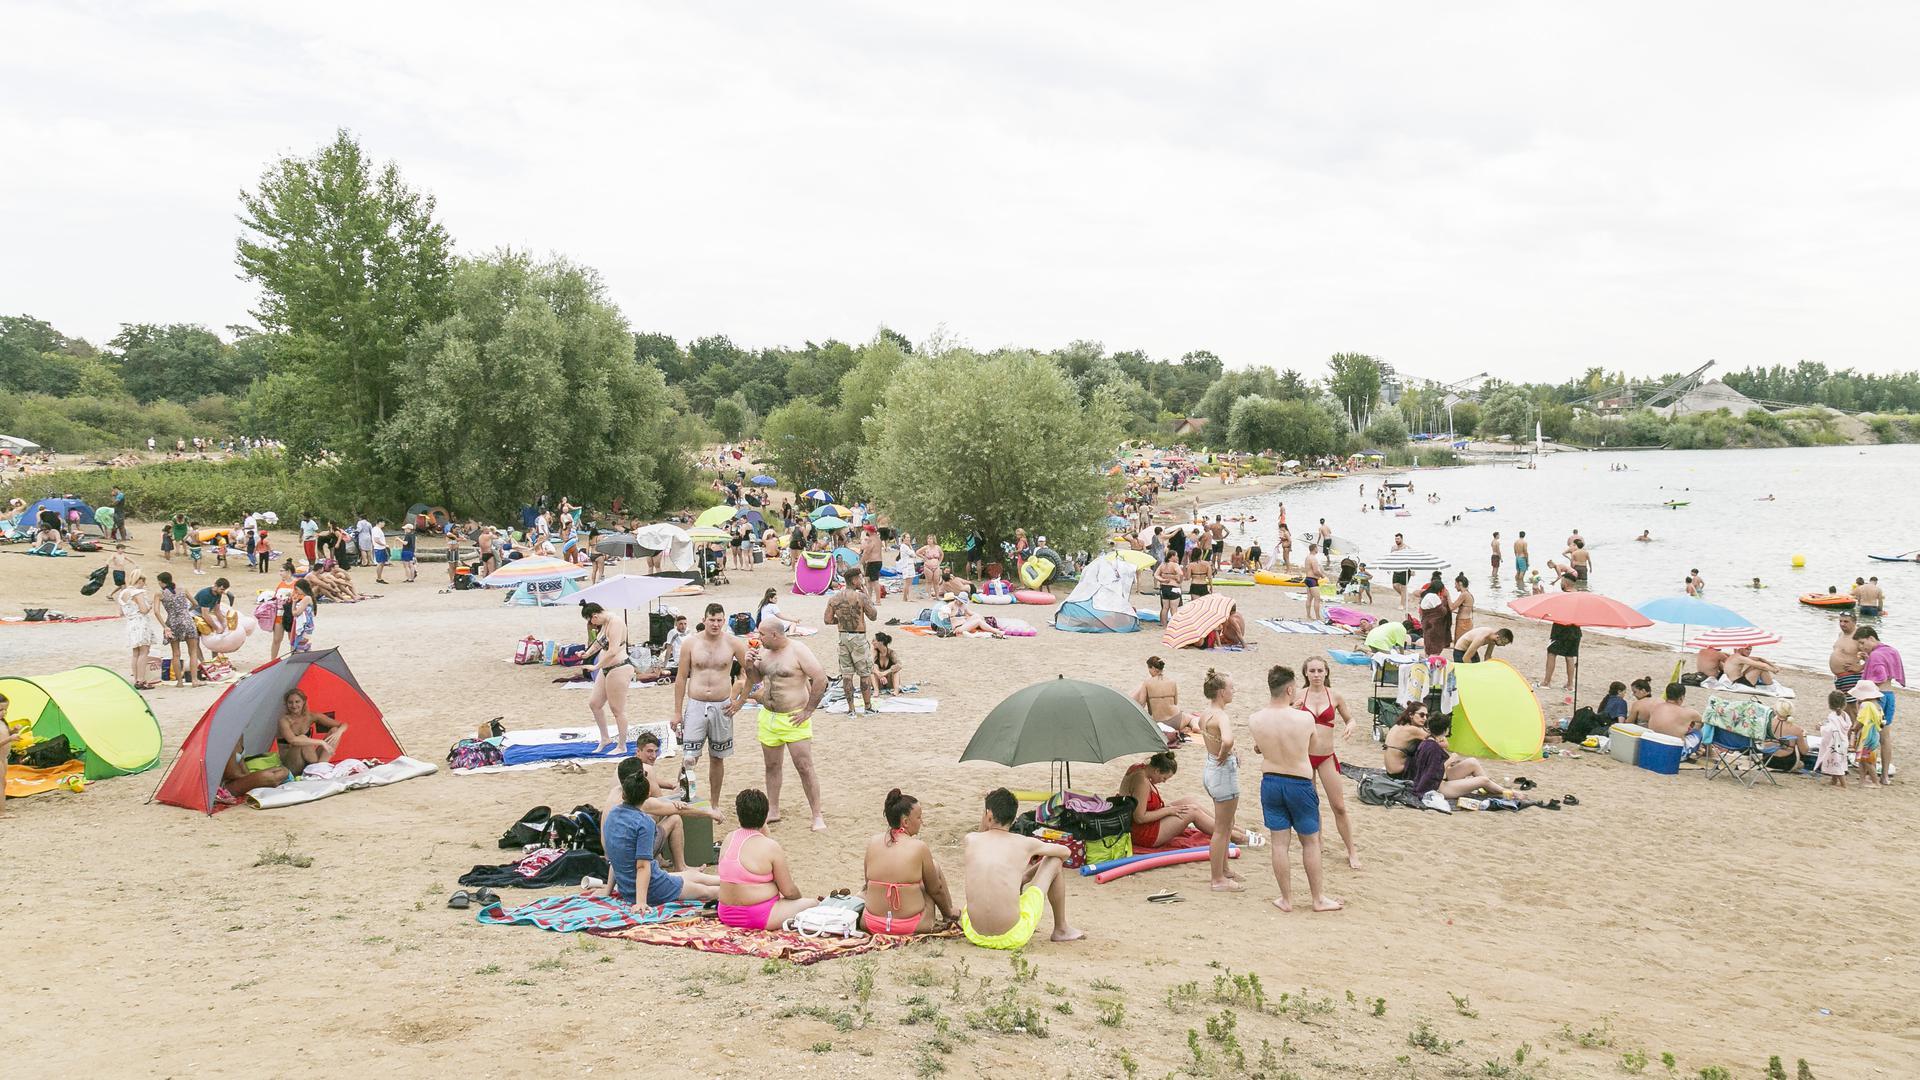 Blick auf einen Strand eines Baggersees, an dem viele Menschen sind.